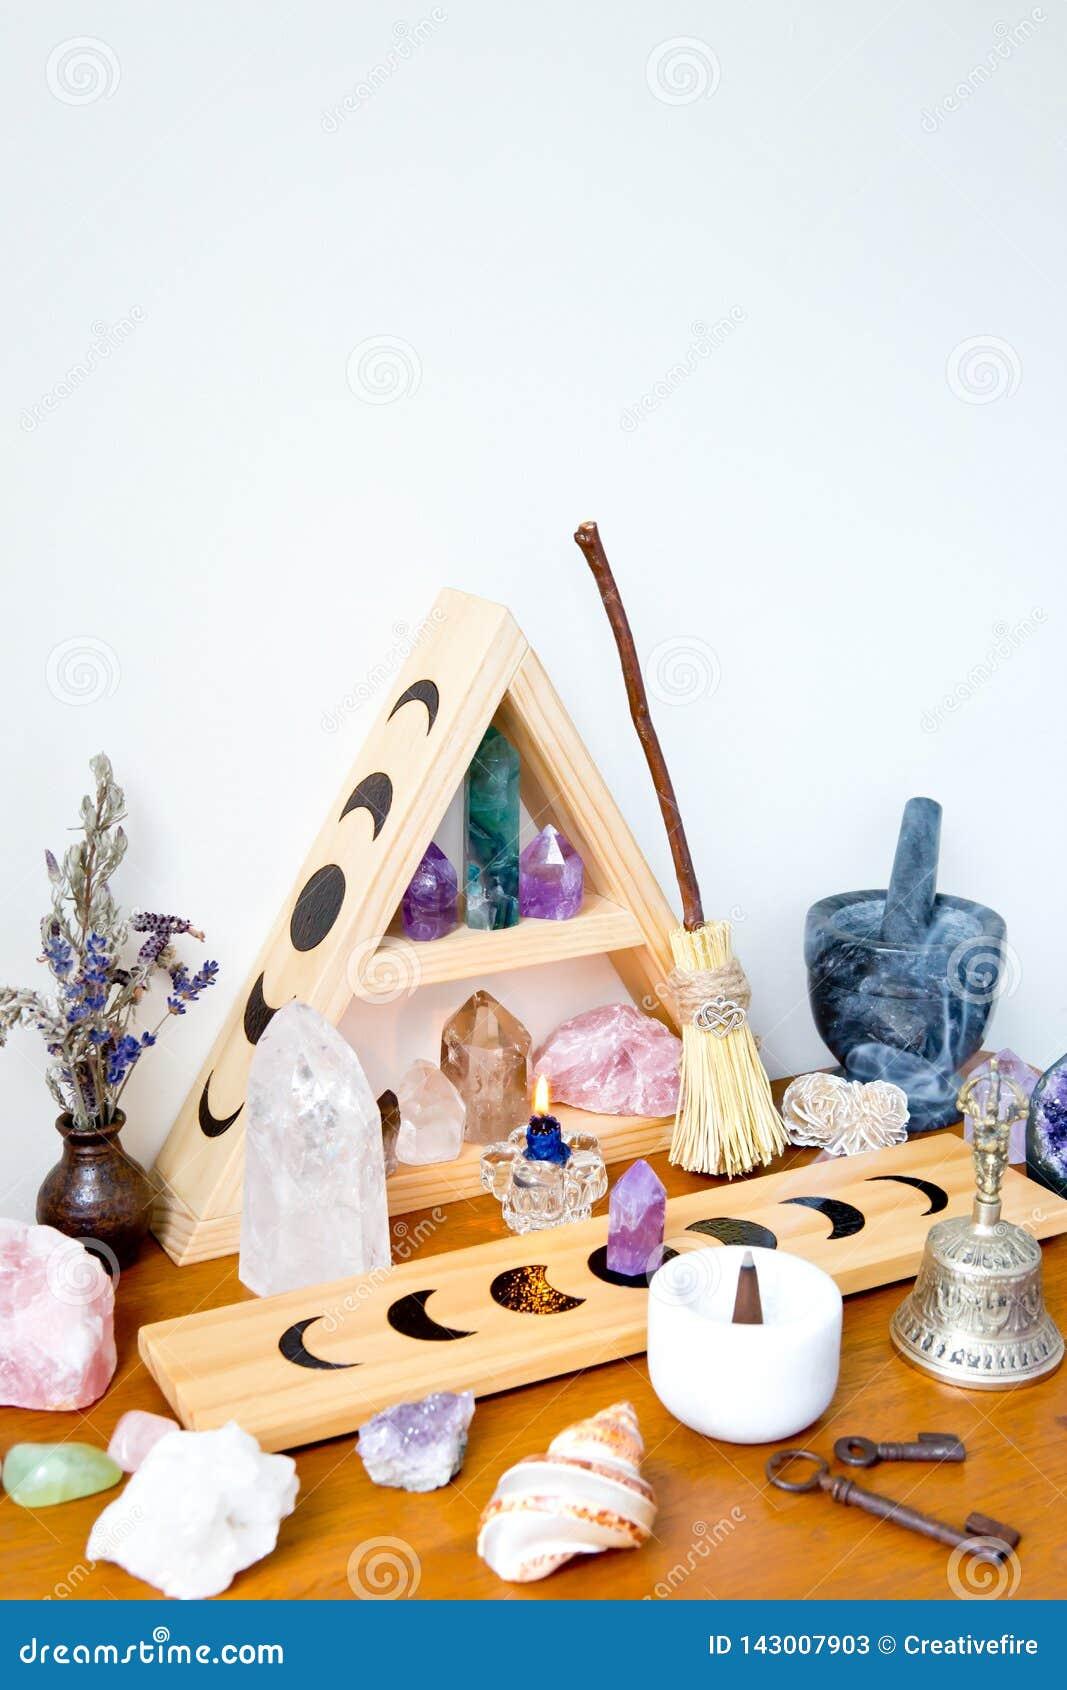 Διάστημα βωμών - μάγισσα, Wicca, νέα ηλικία, ειδωλολατρική με το σχέδιο φάσης φεγγαριών